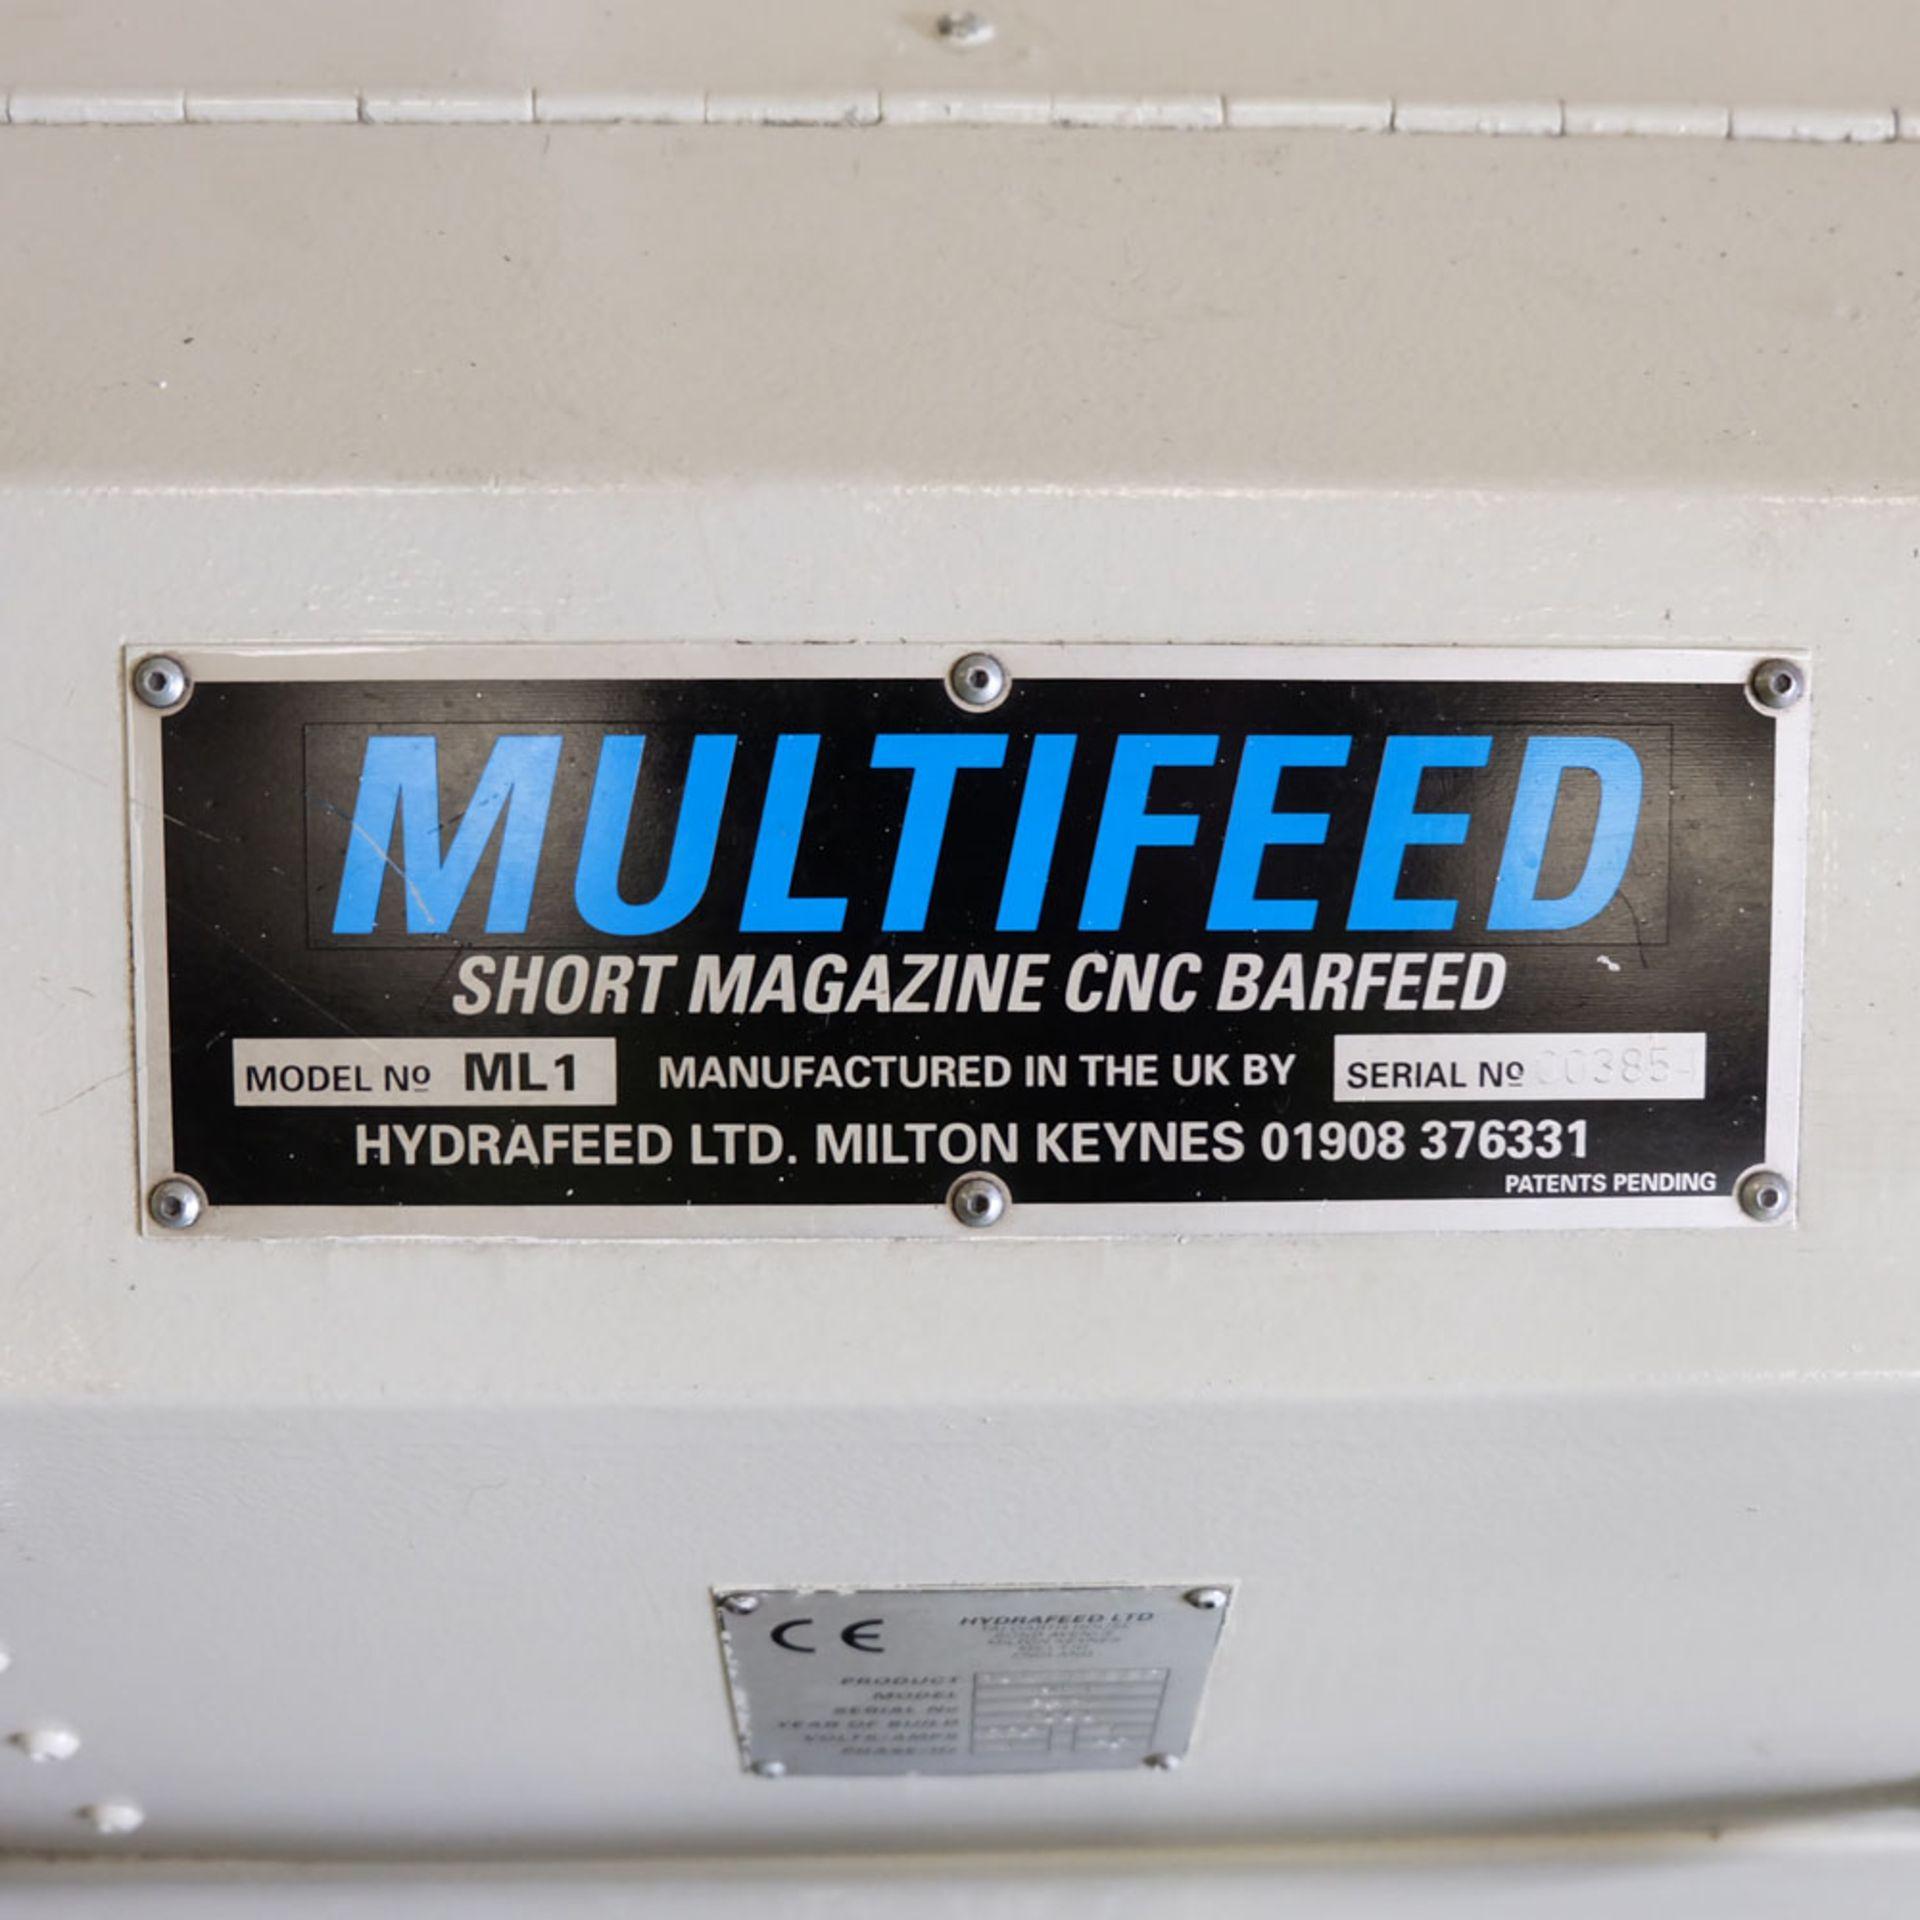 Multifeed Short Magazine CNC BarFeed. Model ML1. 220 Volt. Single Phase. - Image 9 of 9